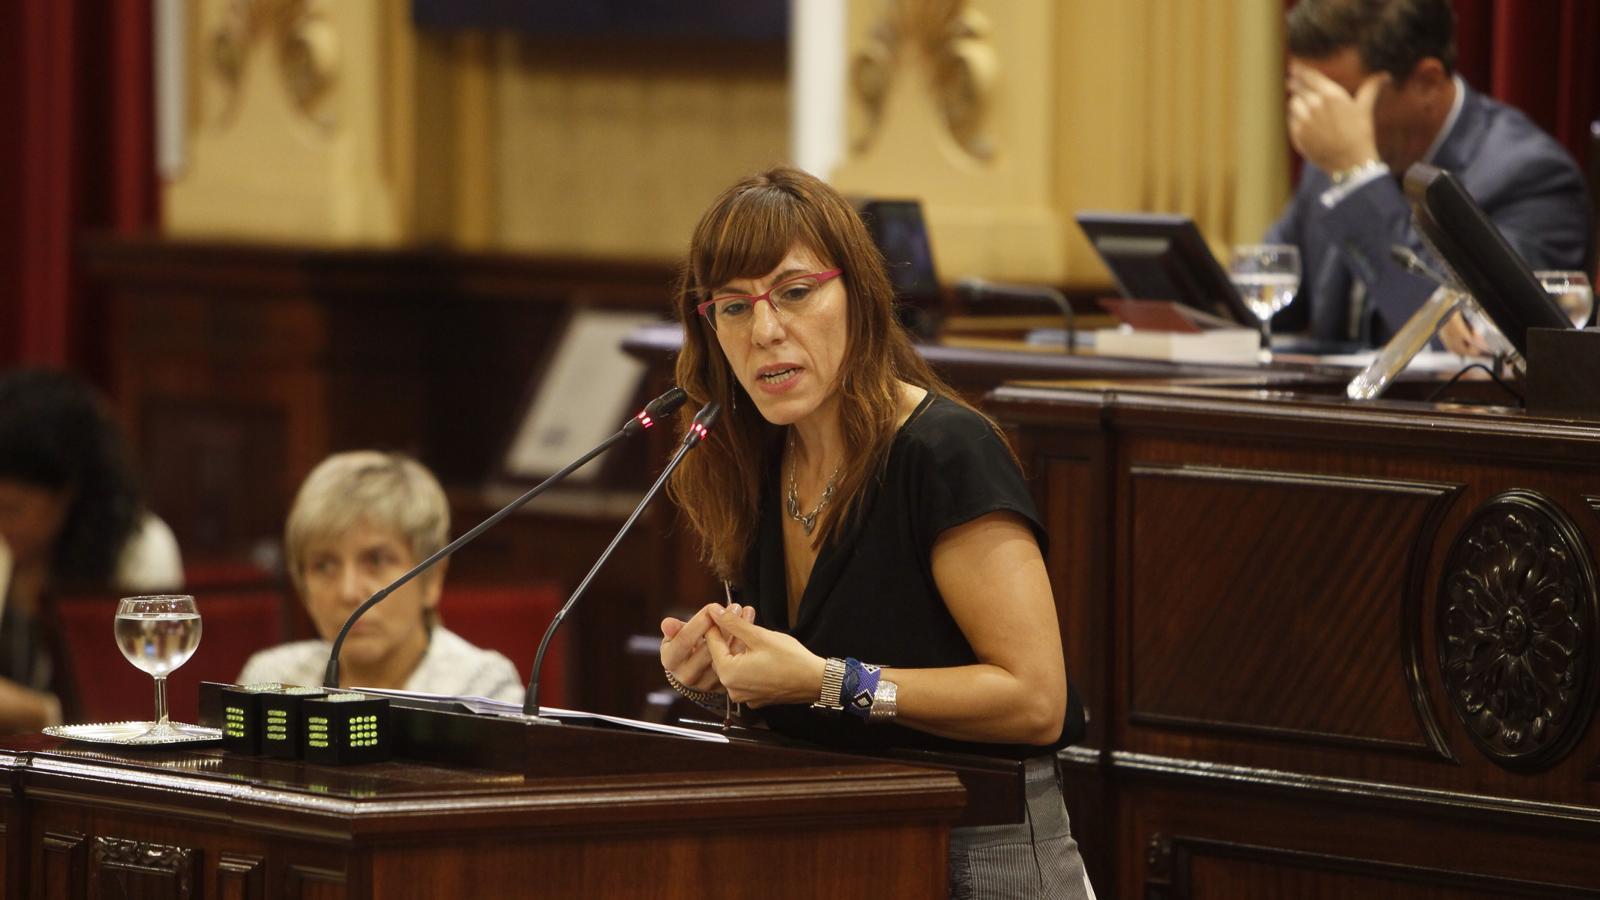 La portaveu de Podem, Laura Camargo, durant el debat de política general.